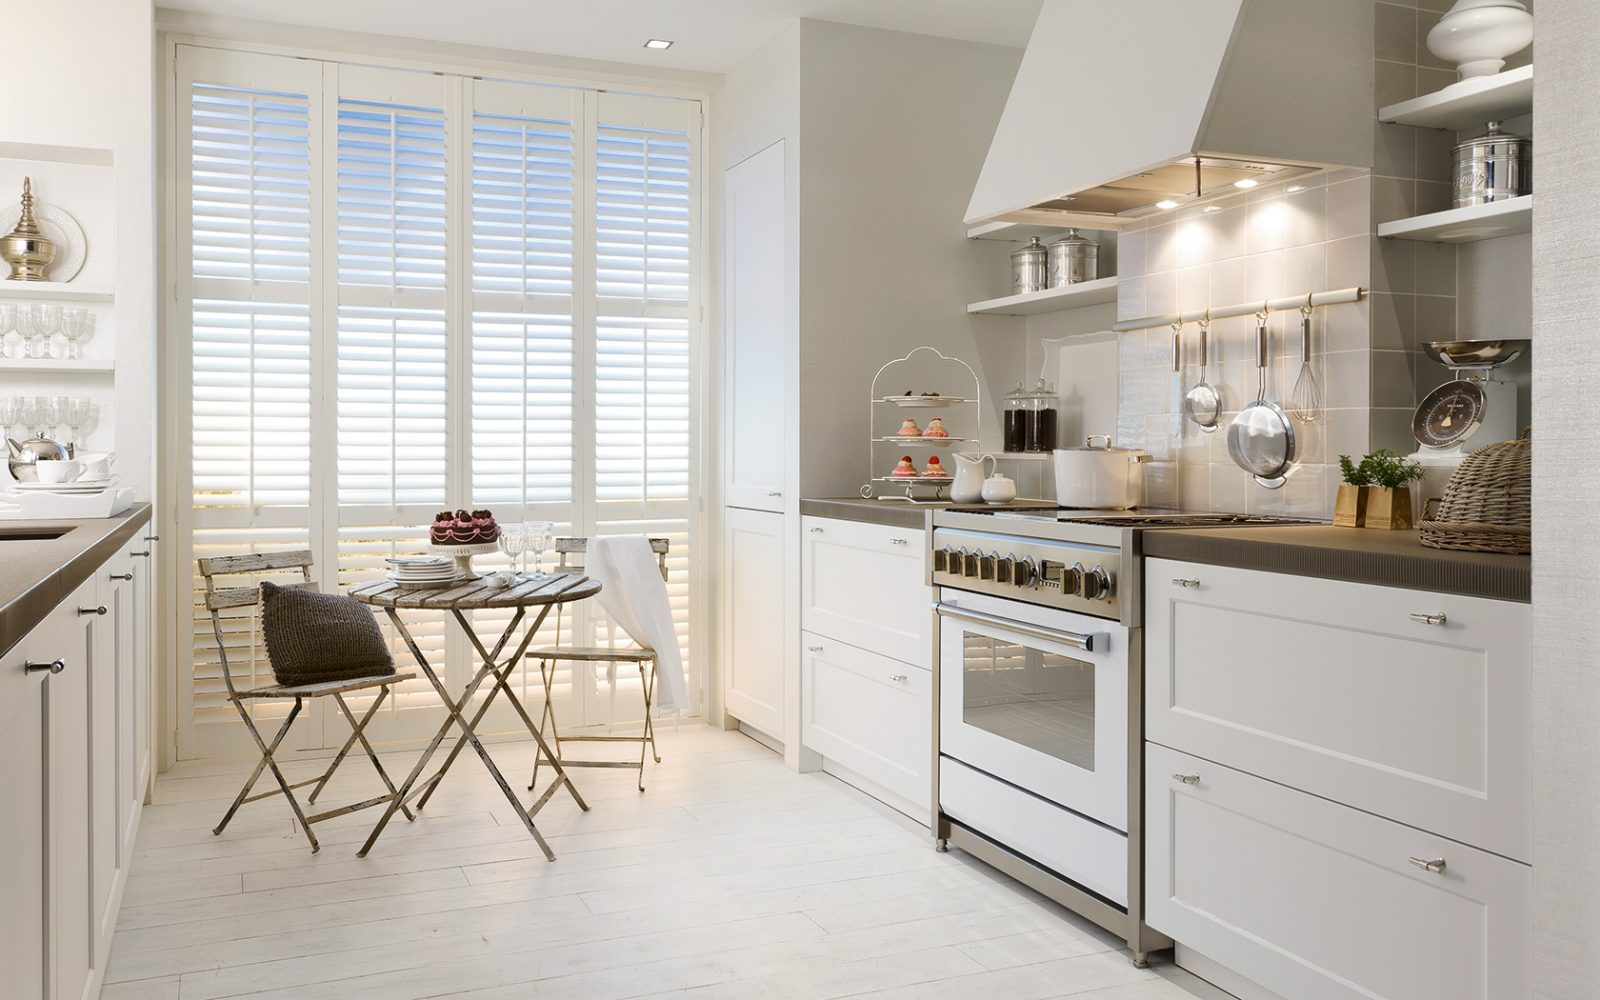 Muebles clásicos para la cocina :: Imágenes y fotos